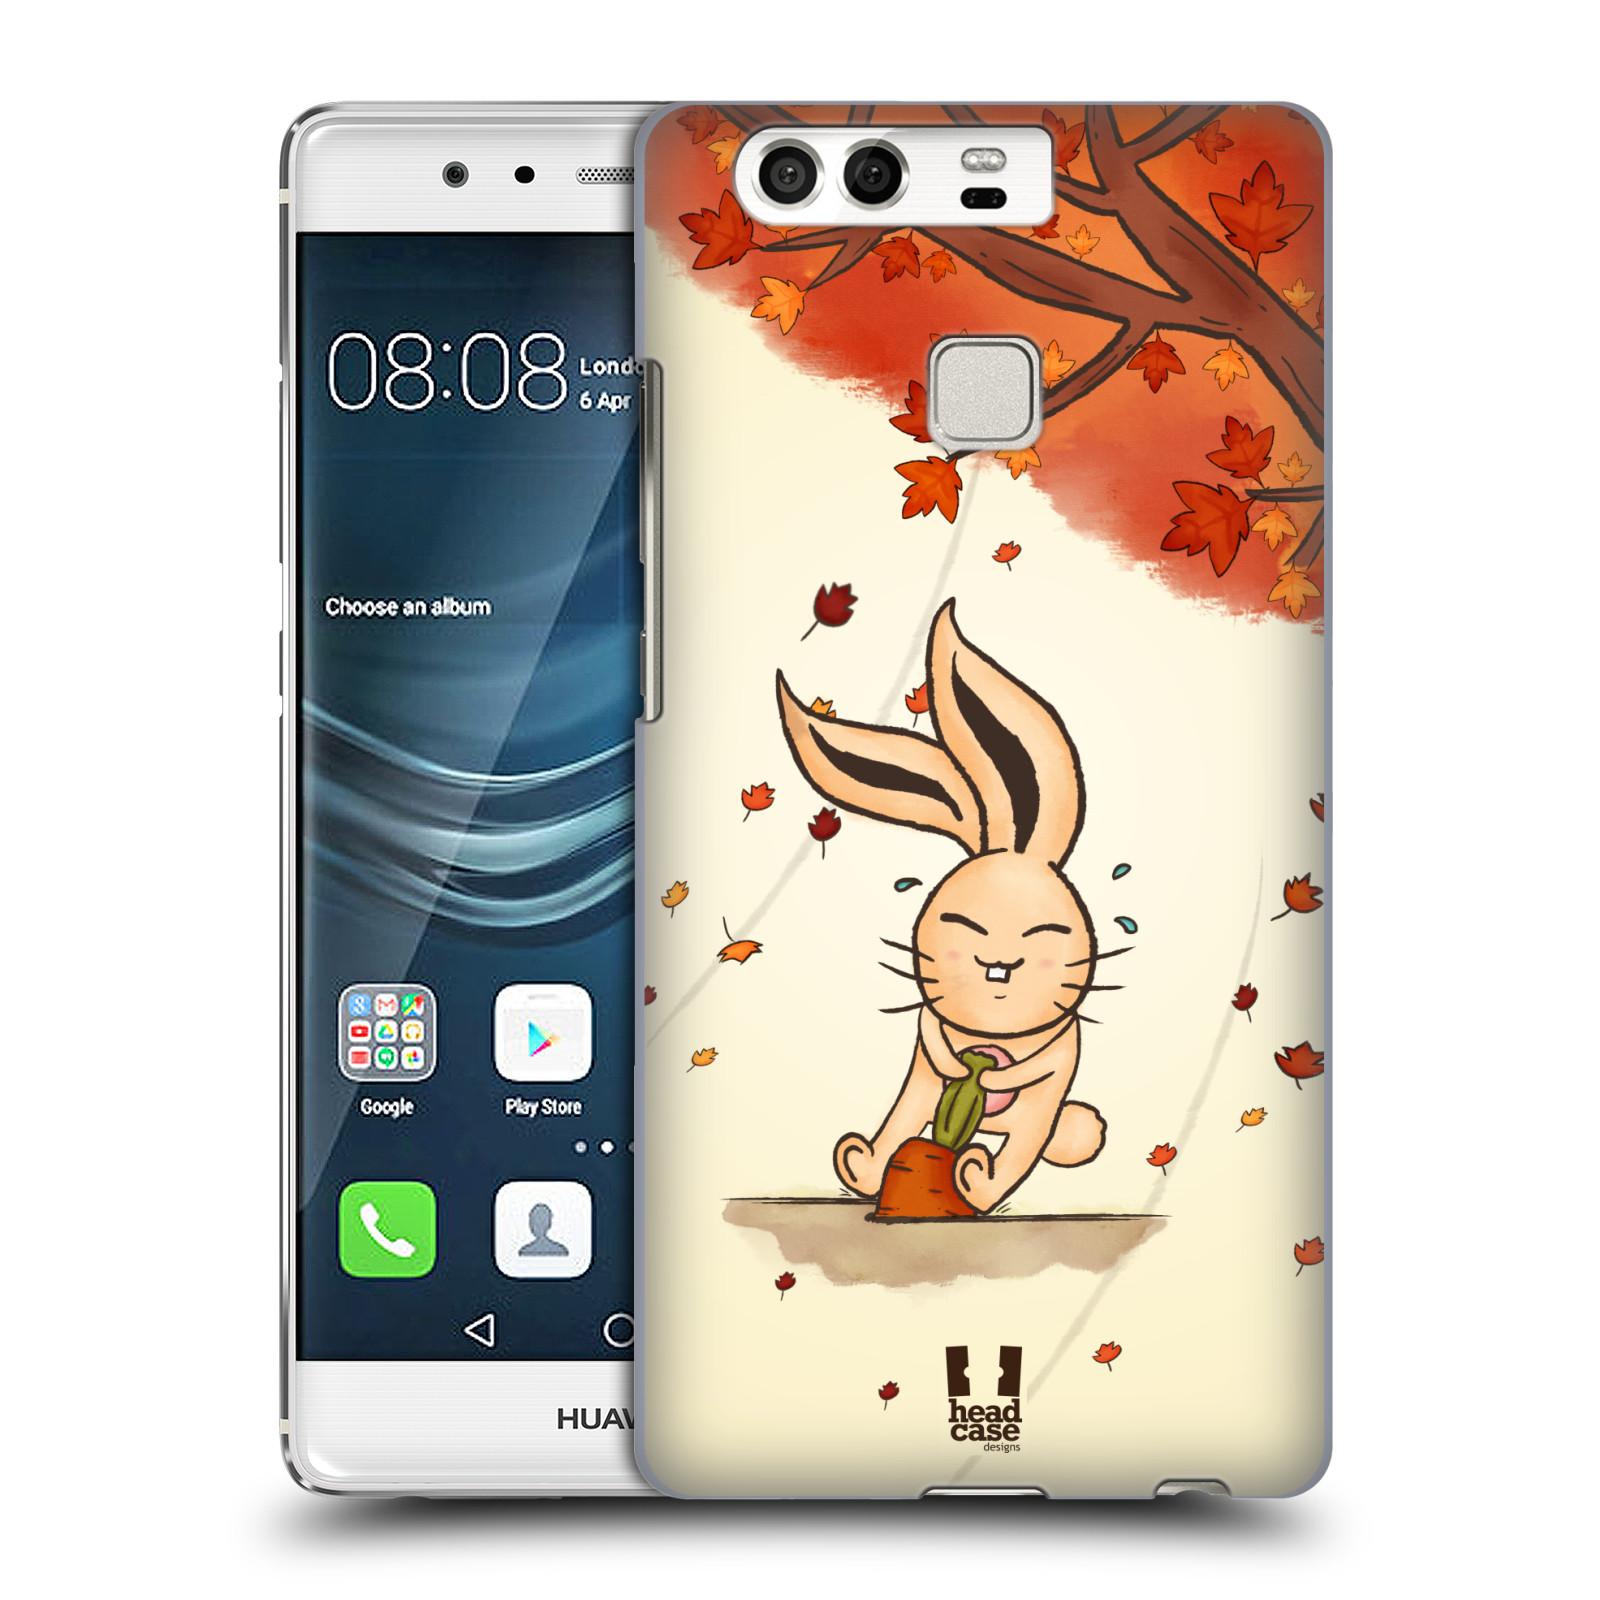 HEAD CASE plastový obal na mobil Huawei P9 / P9 DUAL SIM vzor podzimní zvířátka zajíček a mrkev